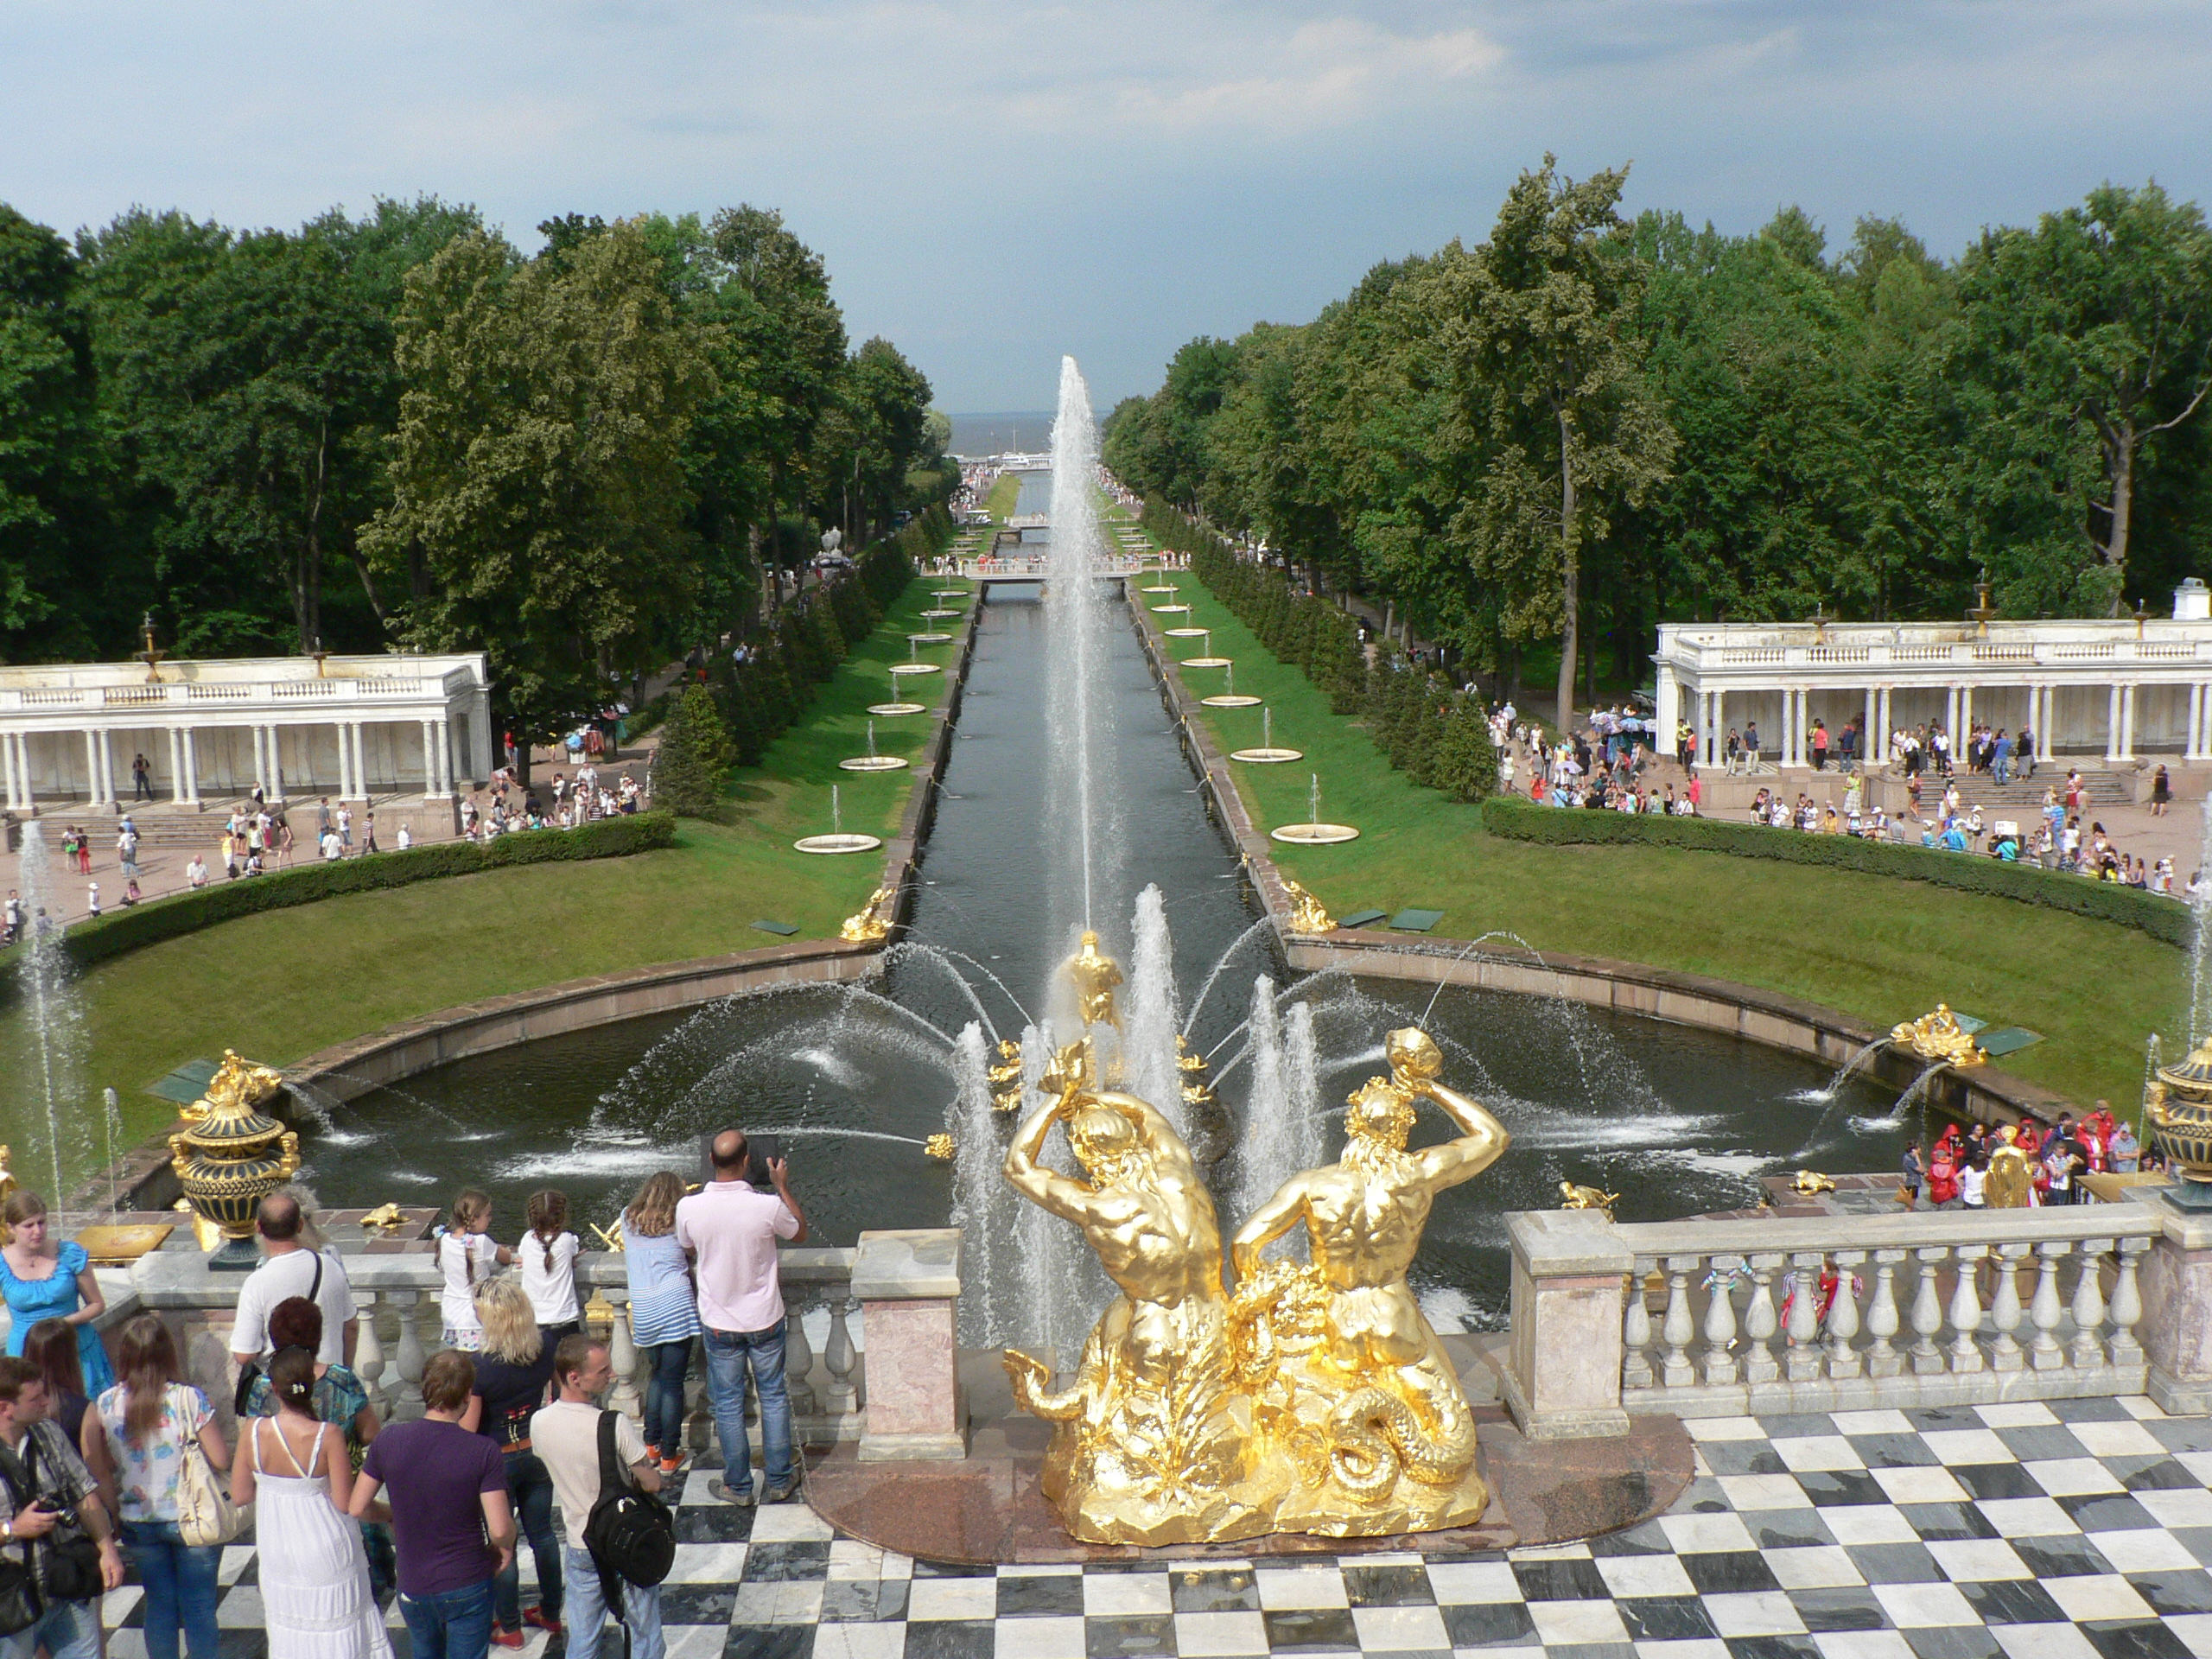 St. Petersburgda nerede yüzülecek İyi bir yer seçin 56